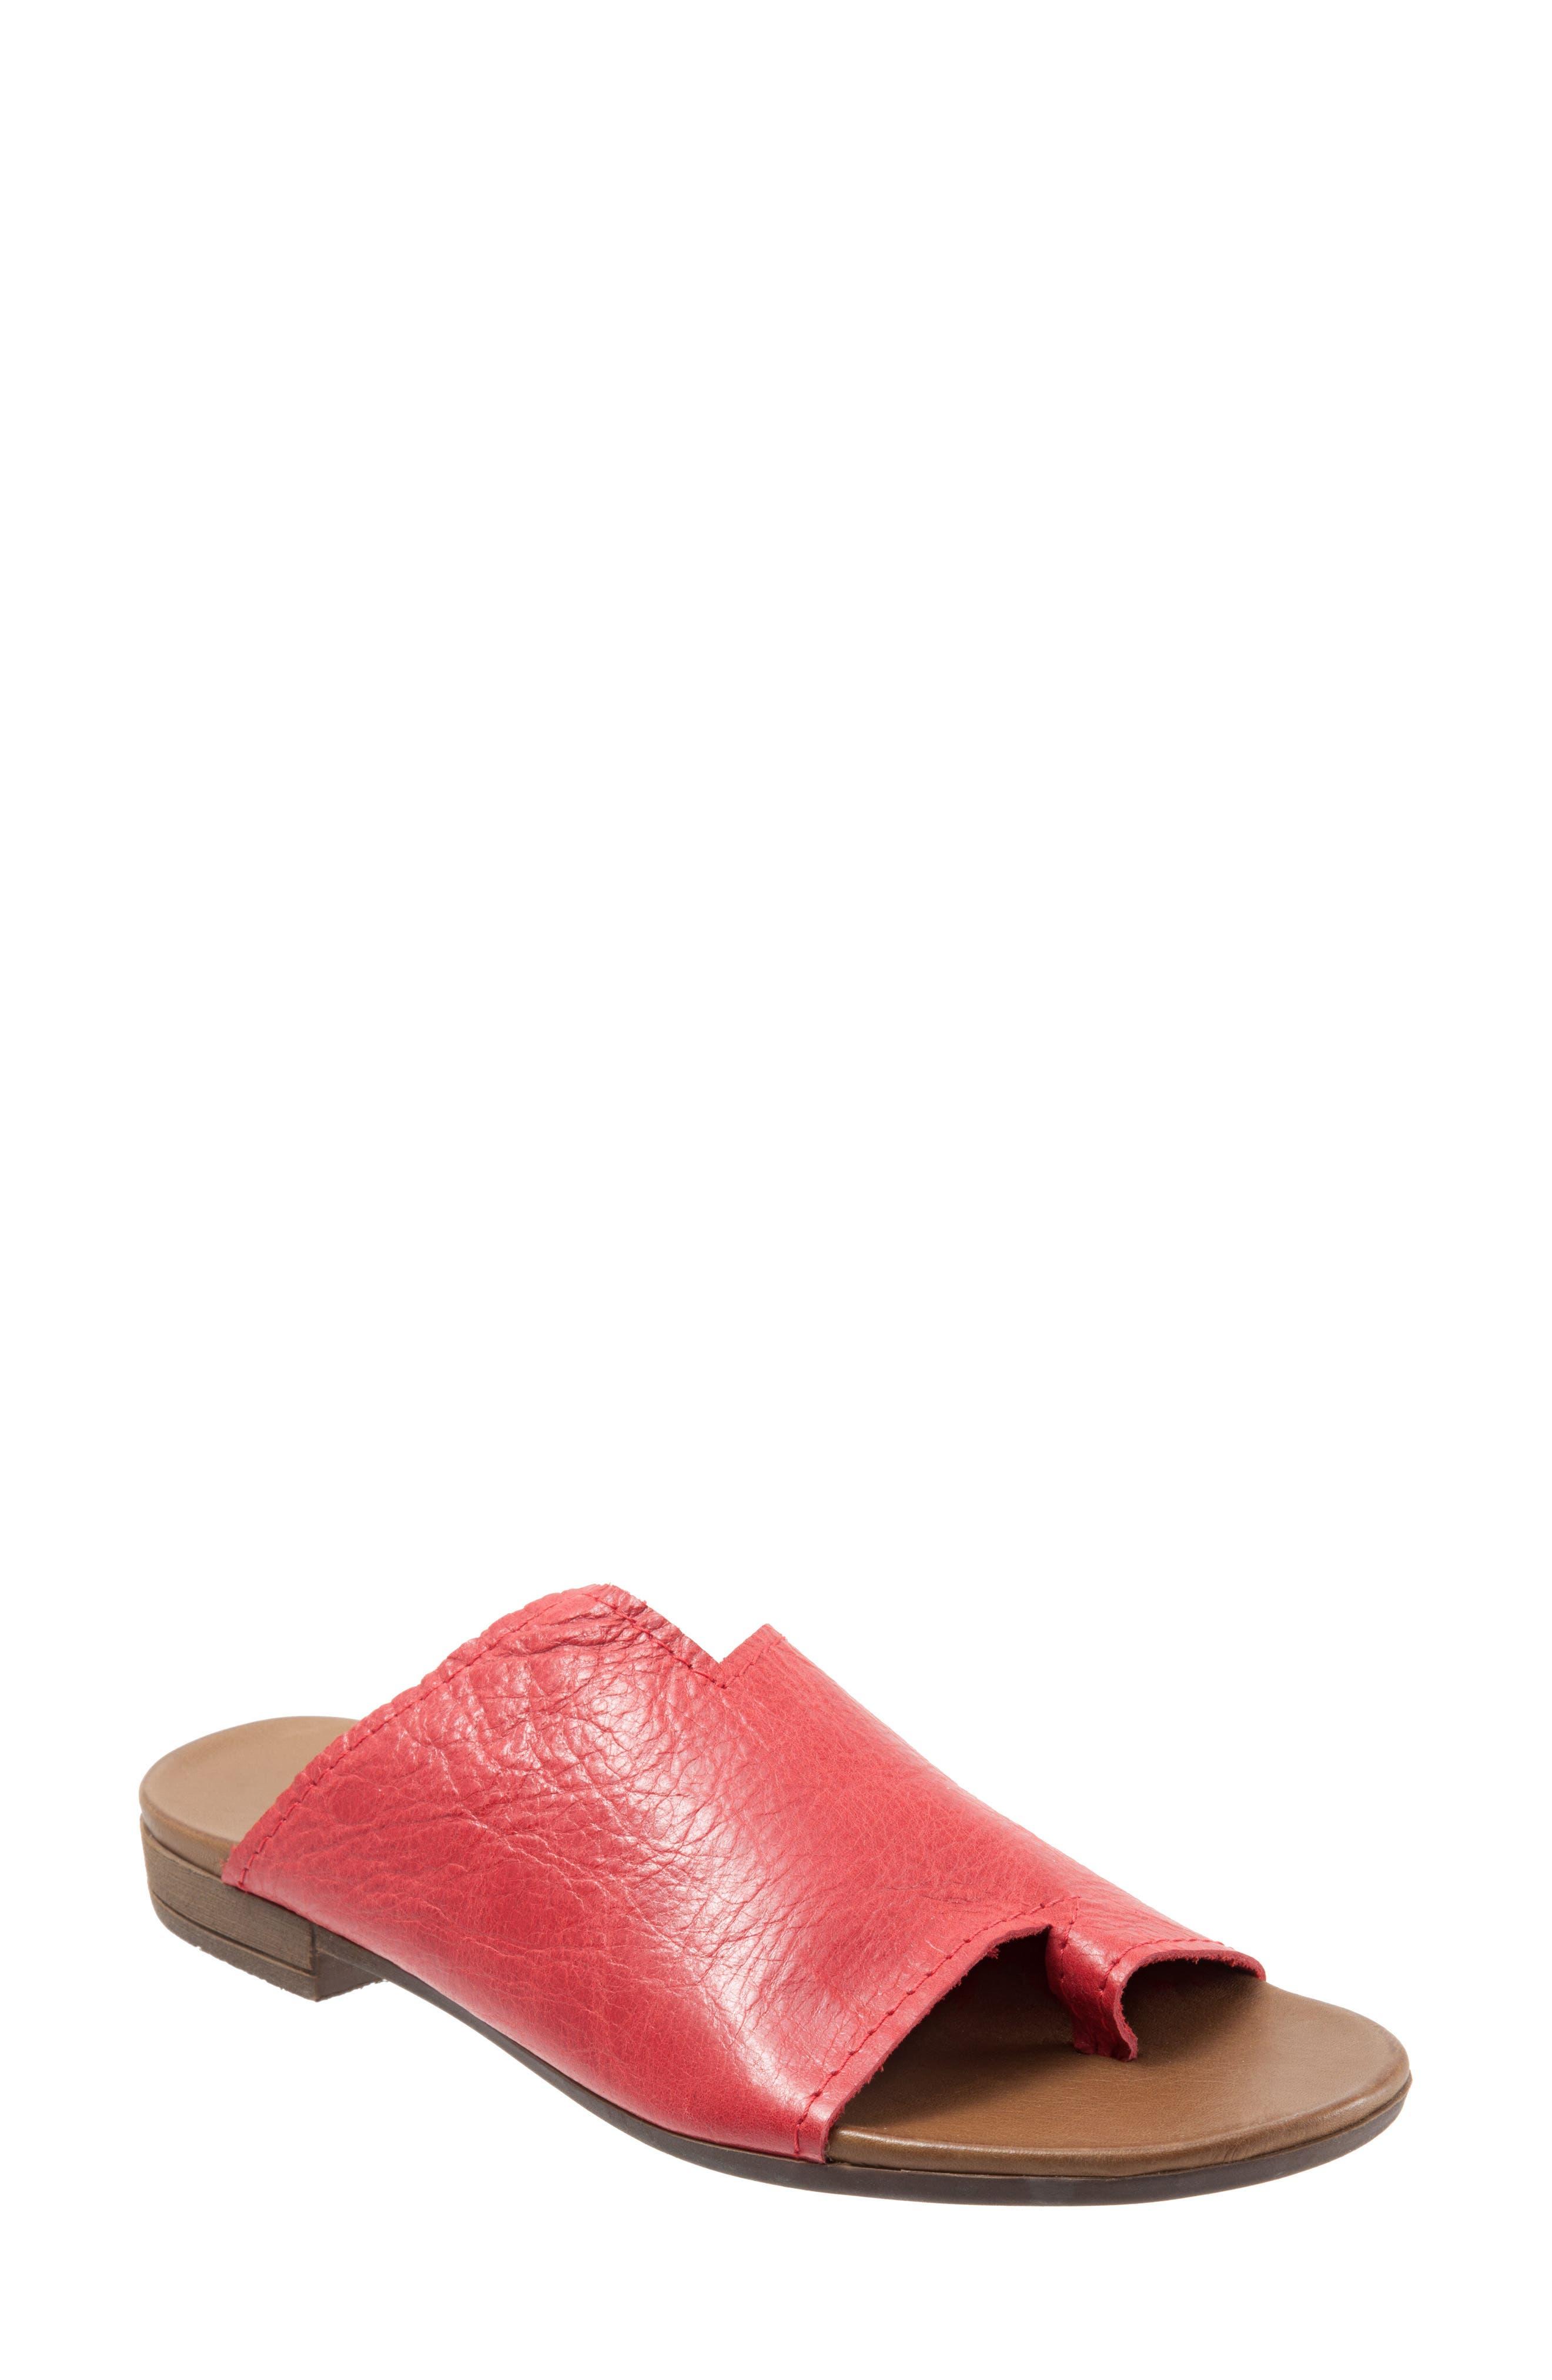 Tulla Slide Sandal